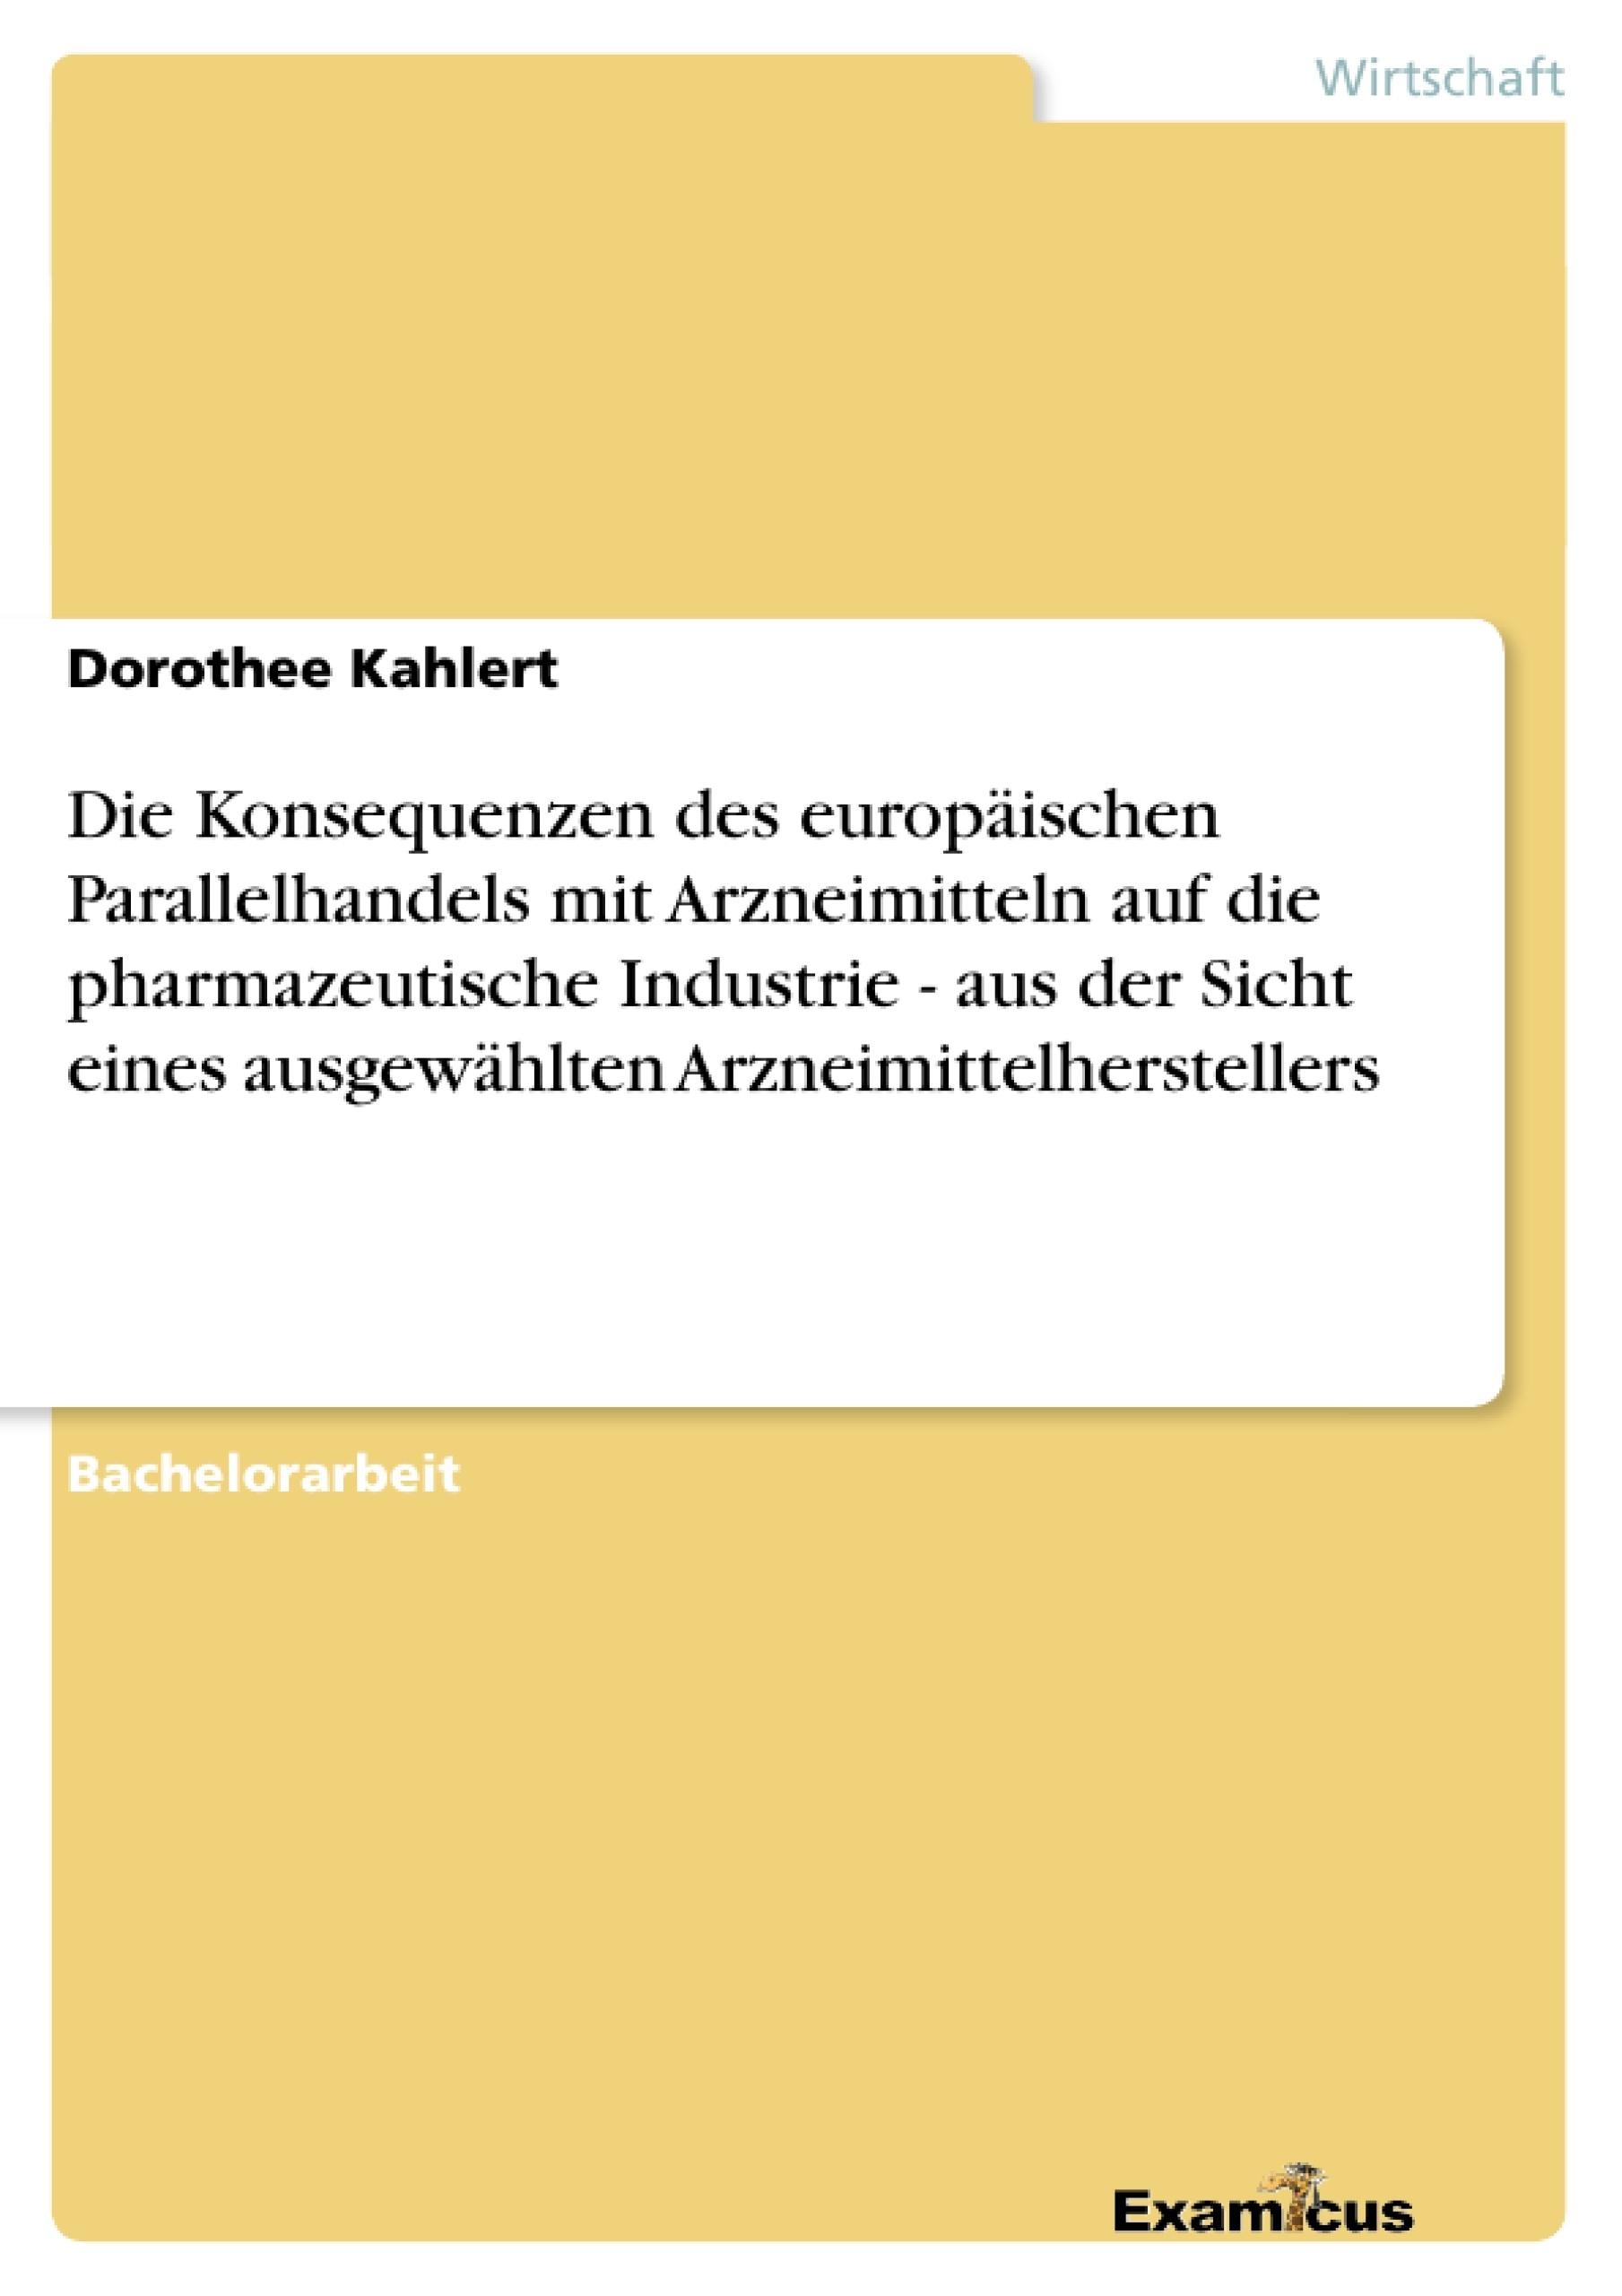 Titel: Die Konsequenzen des europäischen Parallelhandels mit Arzneimitteln auf die pharmazeutische Industrie - aus der Sicht eines ausgewählten Arzneimittelherstellers